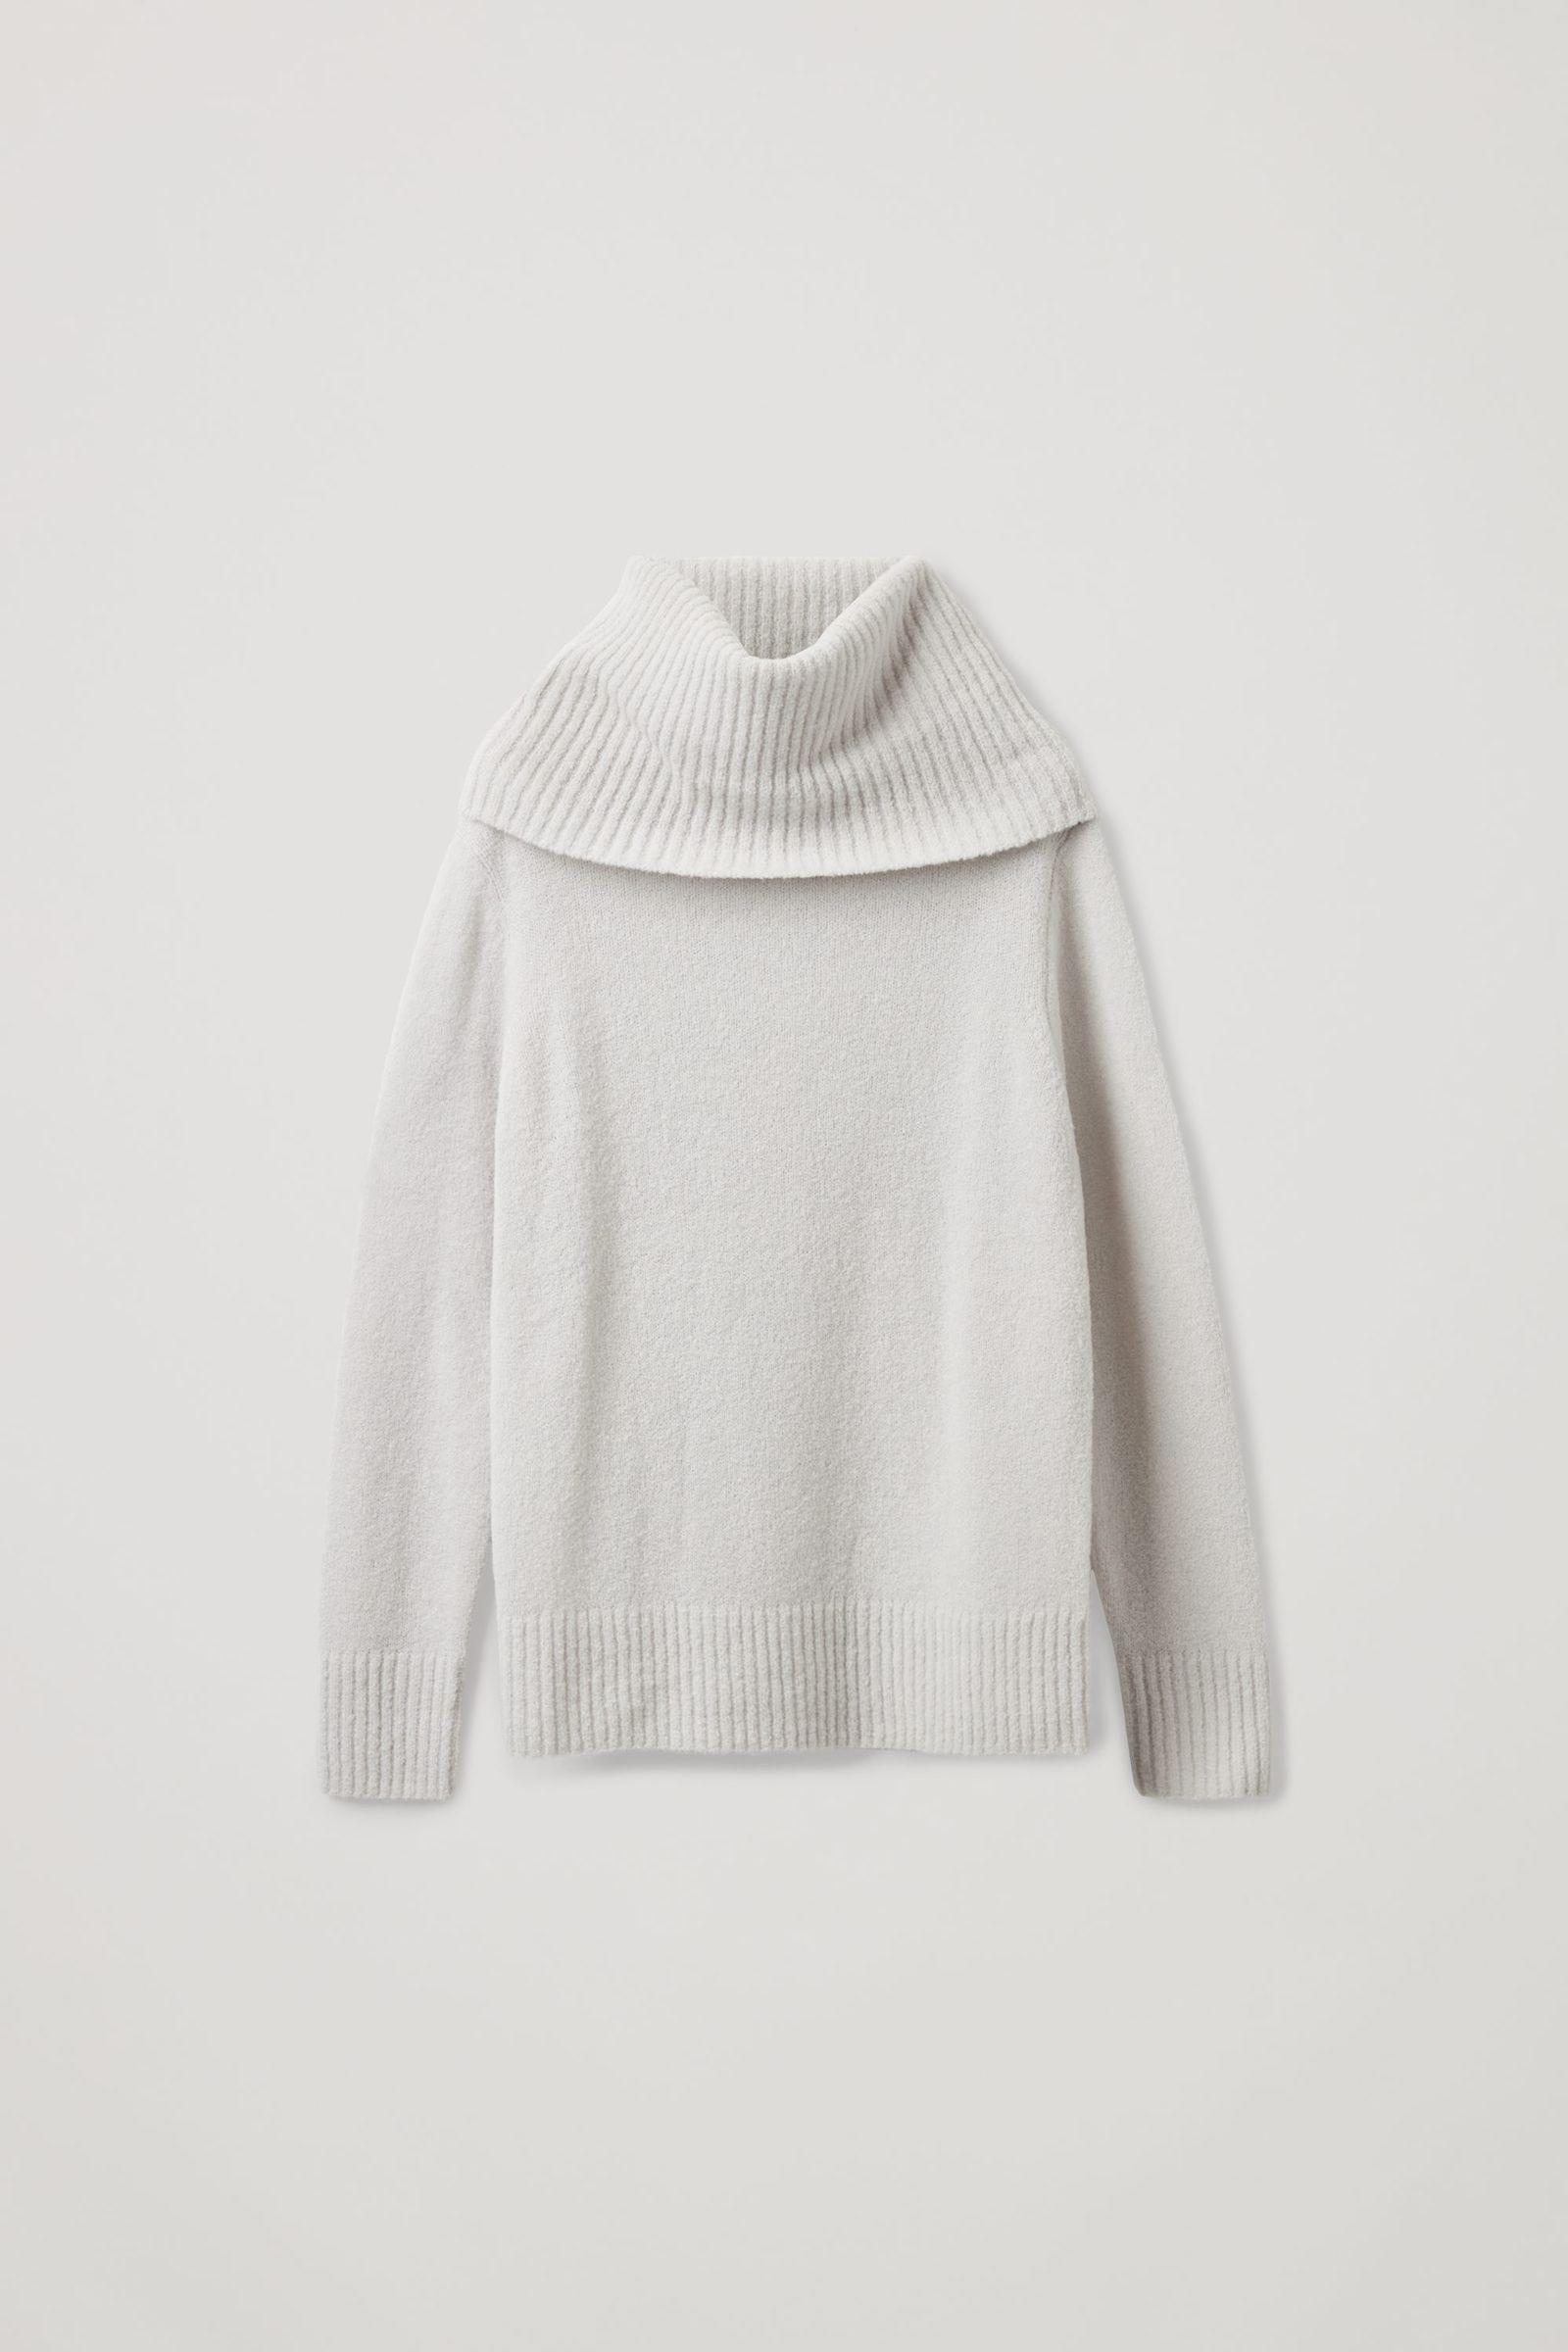 COS 울 하이브리드 롤넥 스웨터의 라이트 그레이컬러 Product입니다.